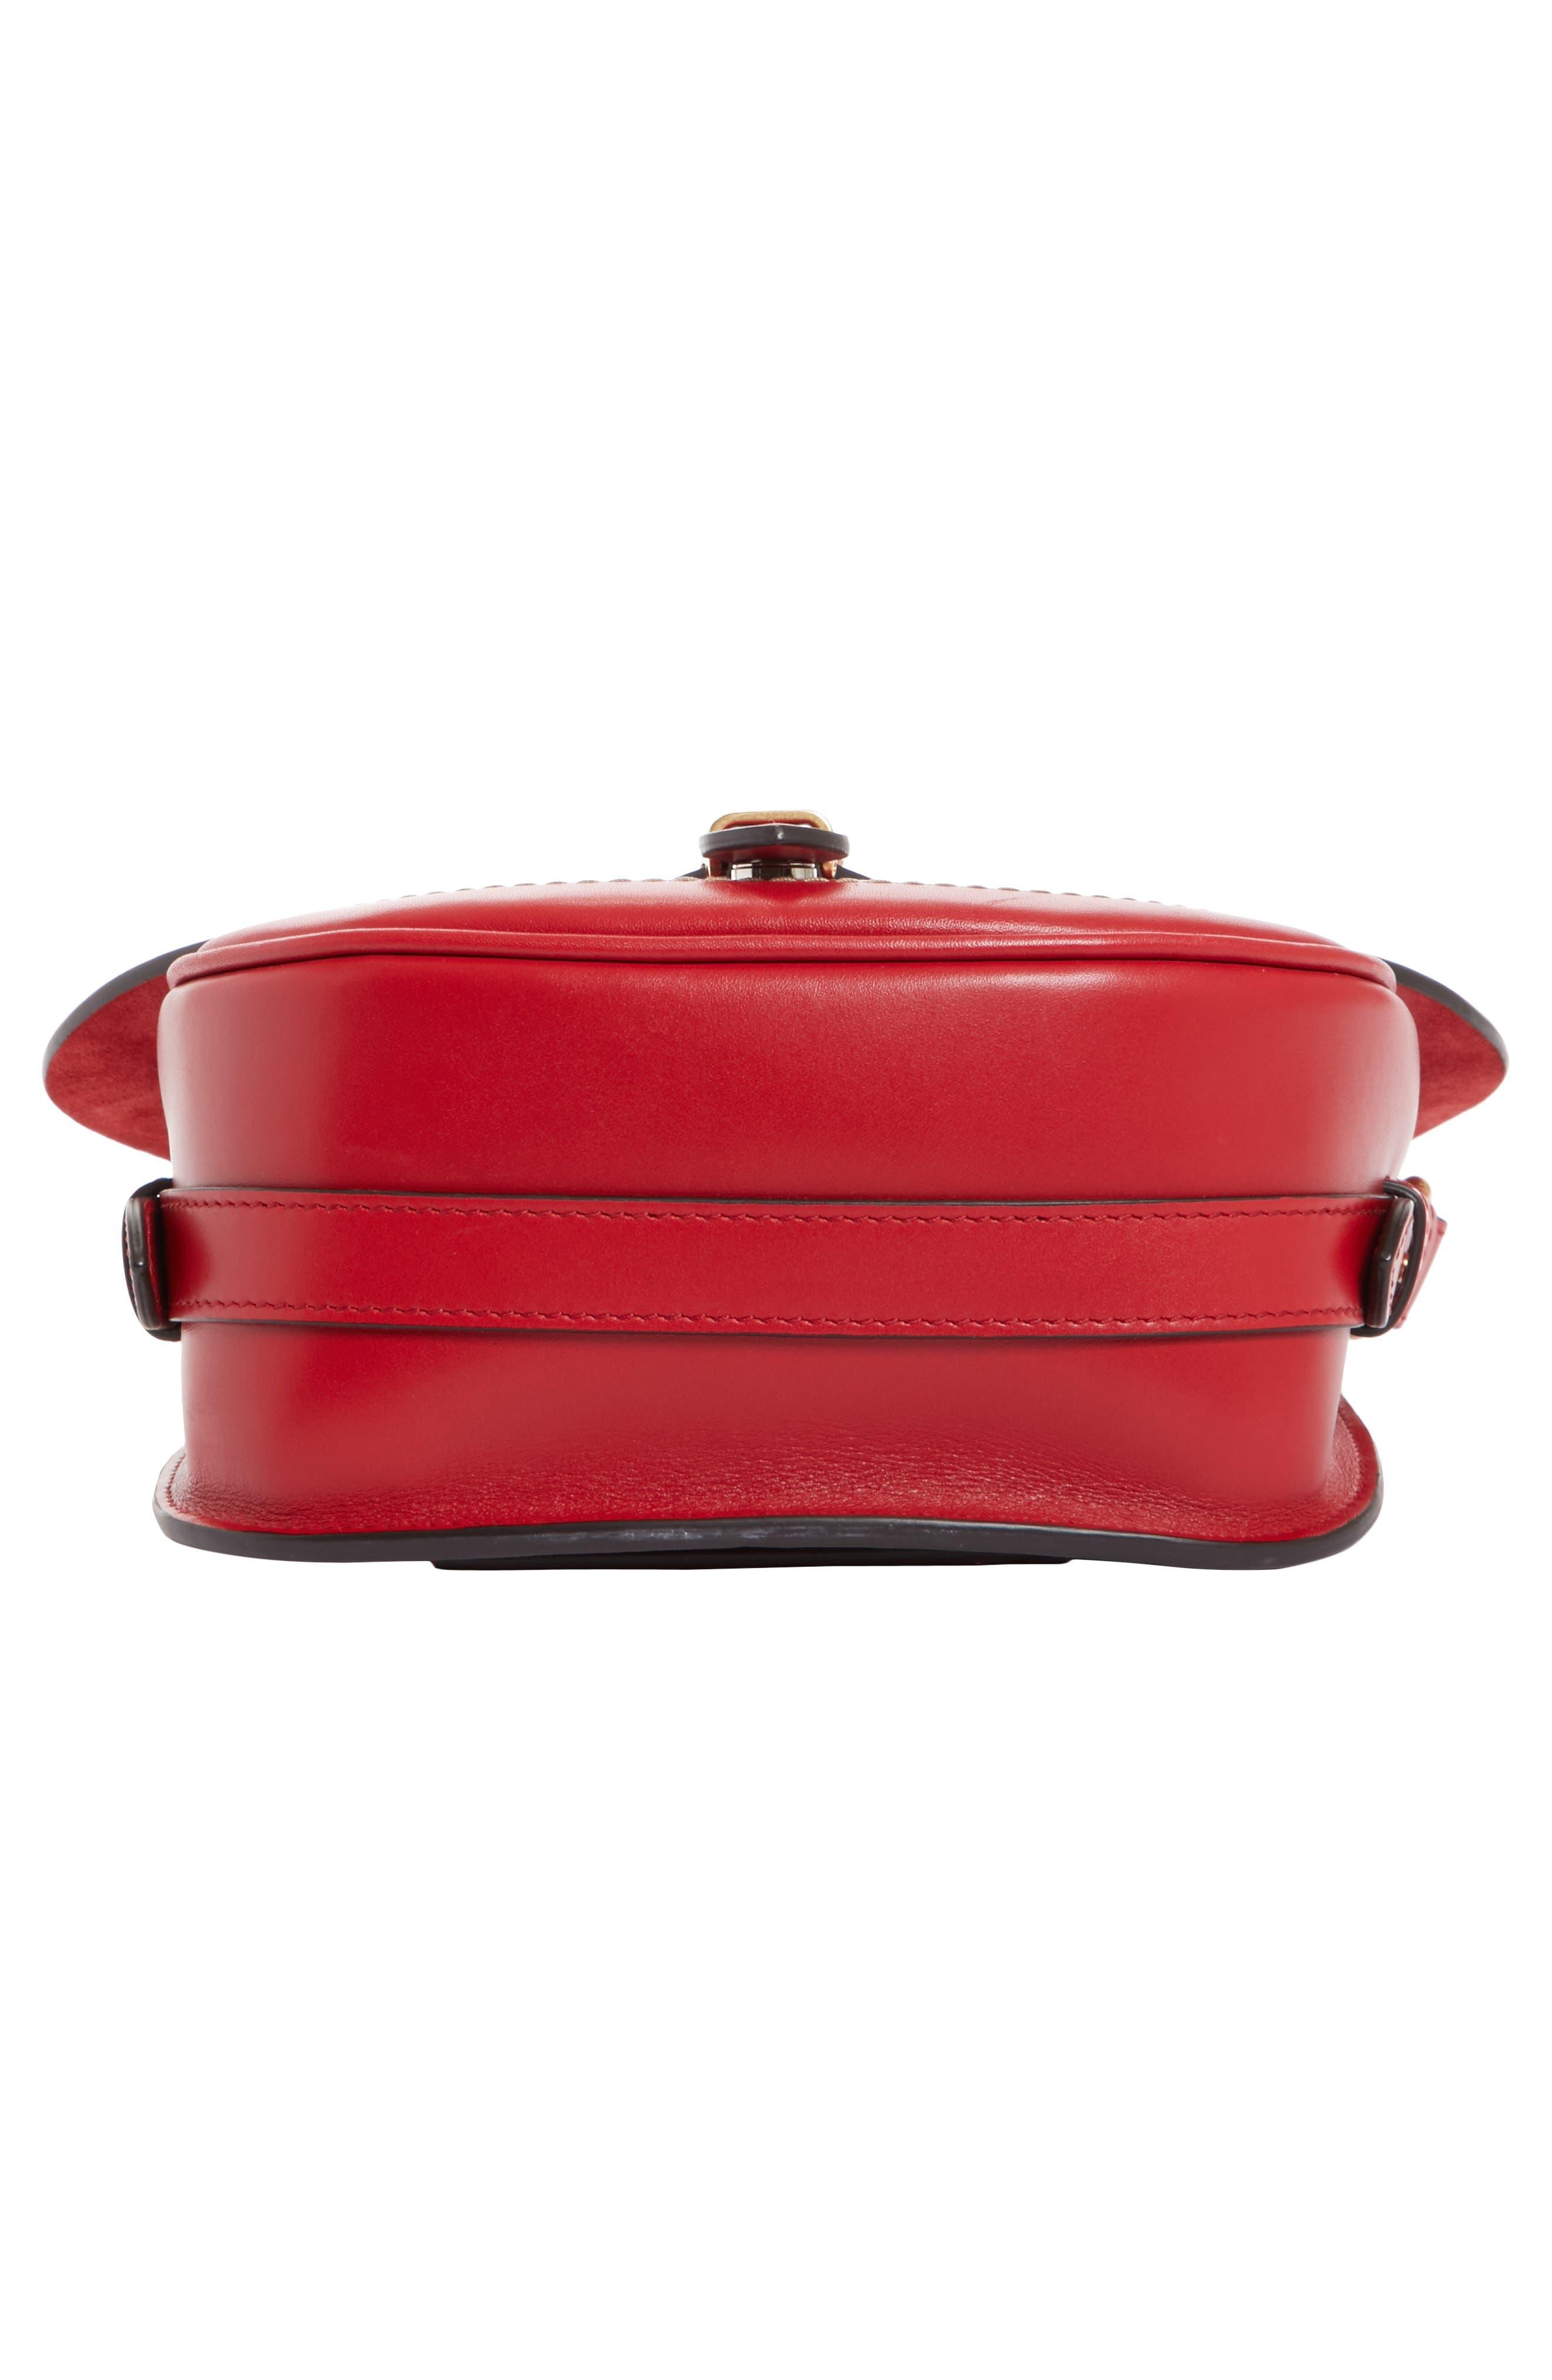 Small Bag-Slide Leather Shoulder Bag,                             Alternate thumbnail 6, color,                             Red